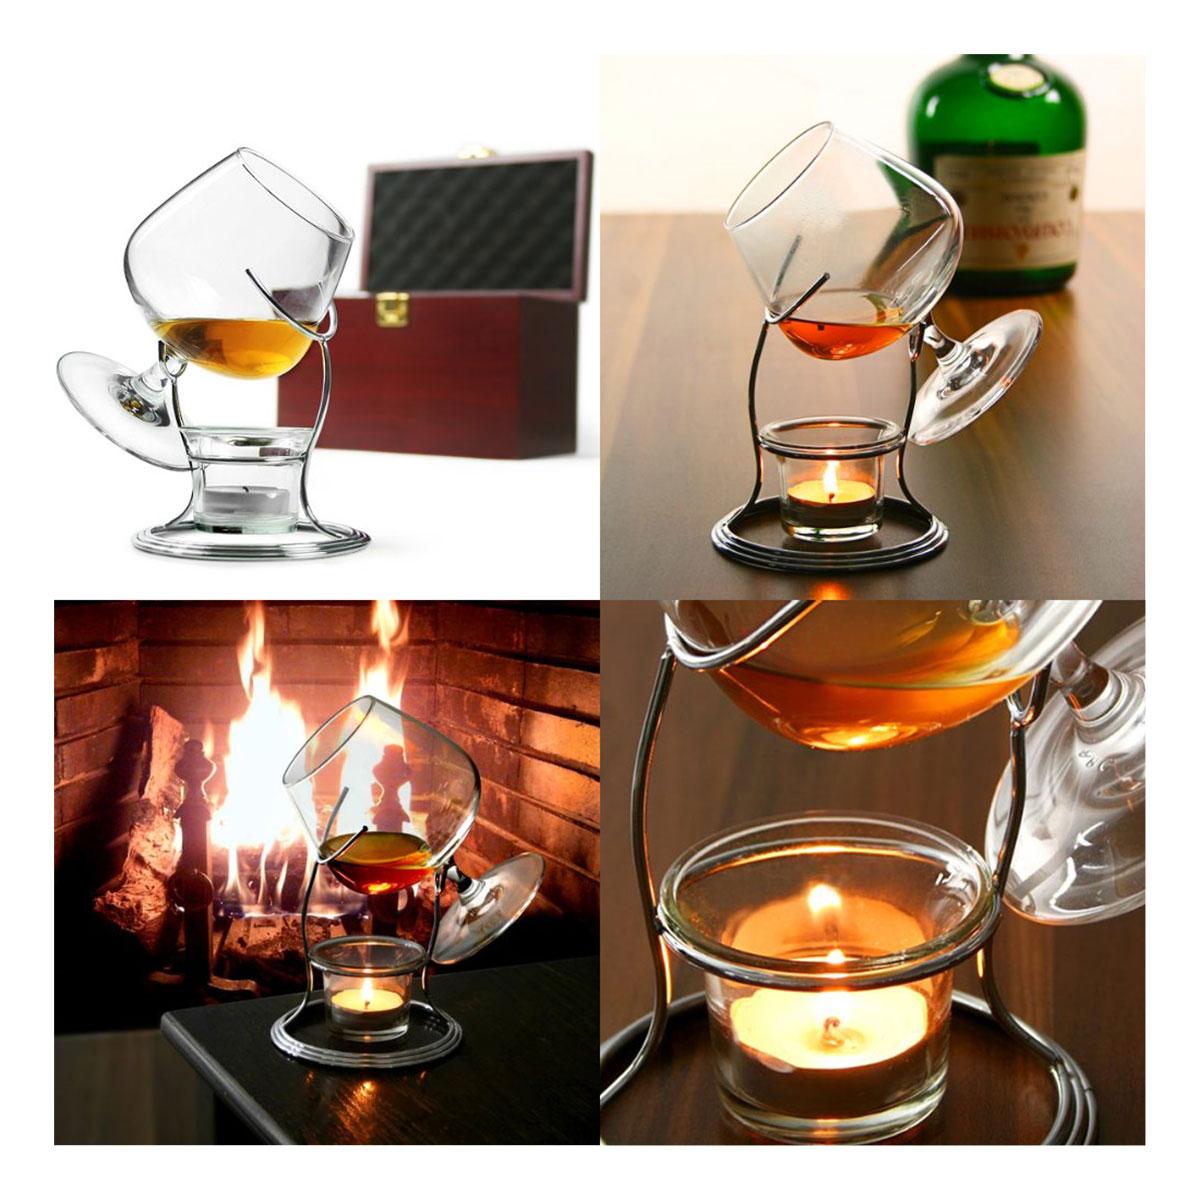 cocktail gl ser cognac brandy w rmer teelicht mit schwenker glas im set. Black Bedroom Furniture Sets. Home Design Ideas